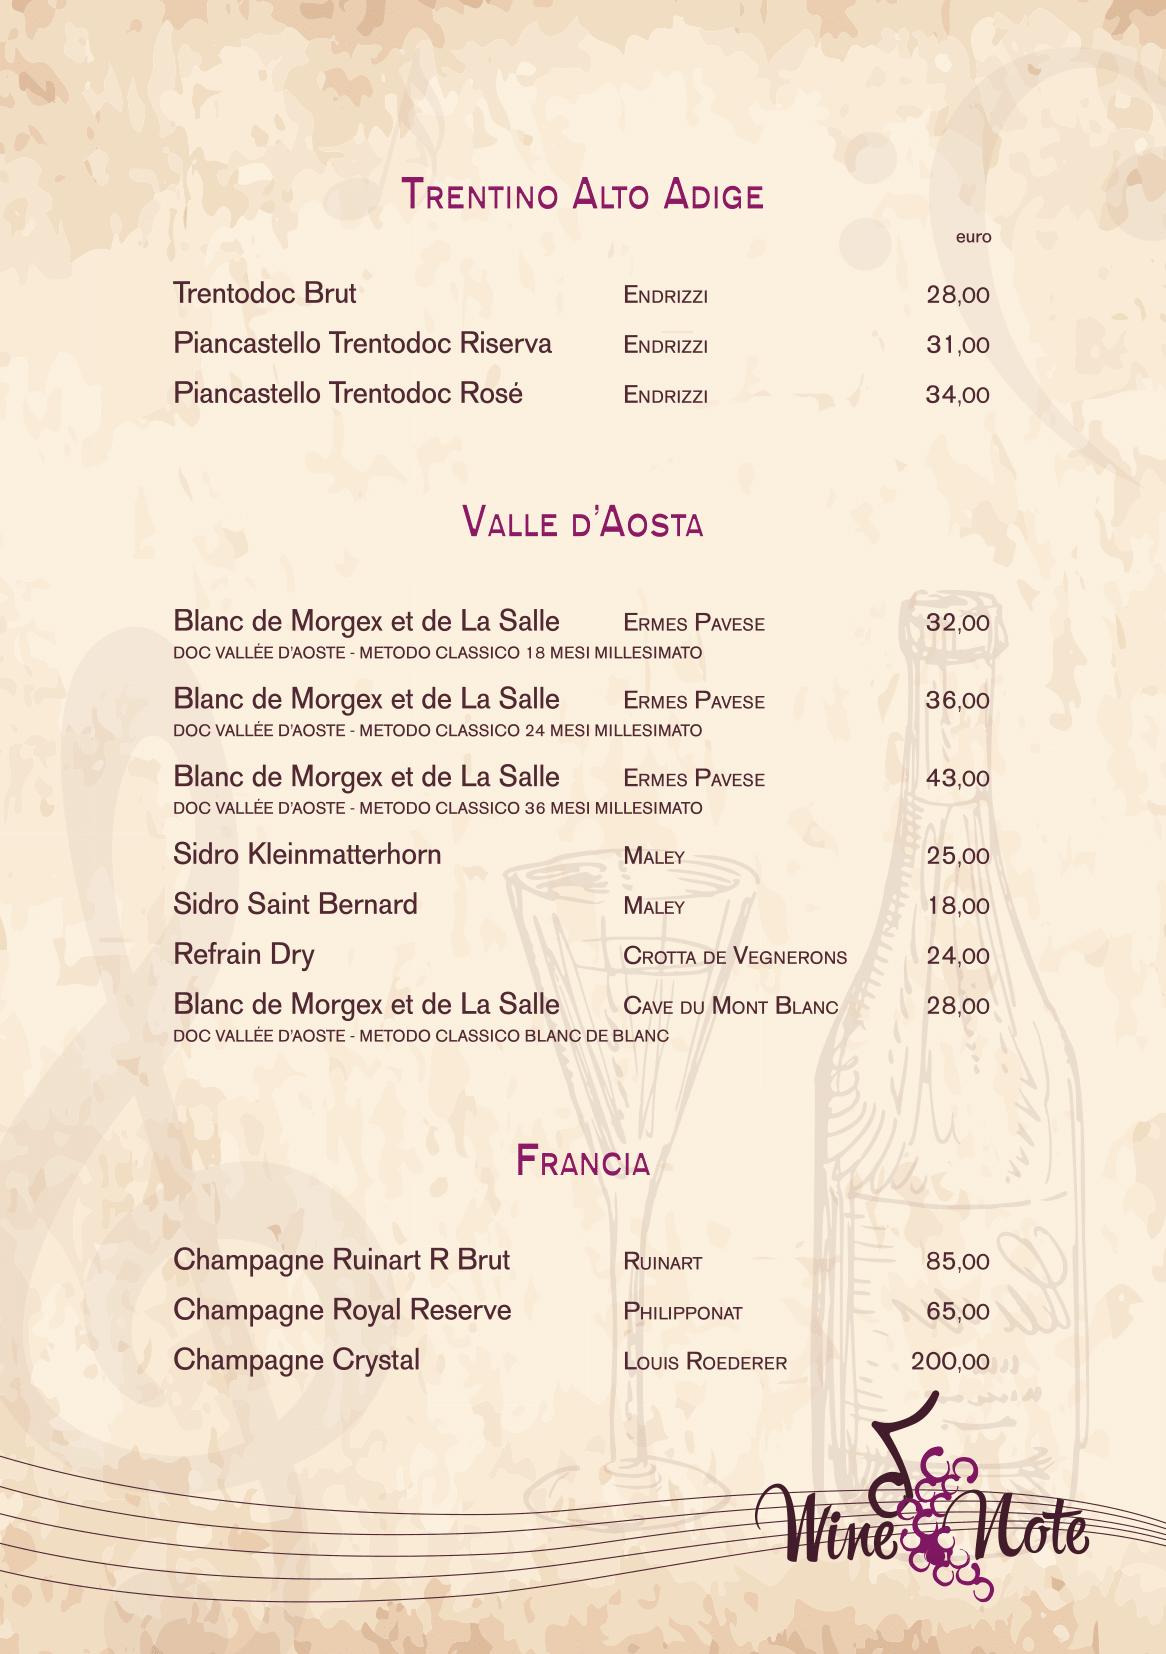 Wine note menu e vini A5-19